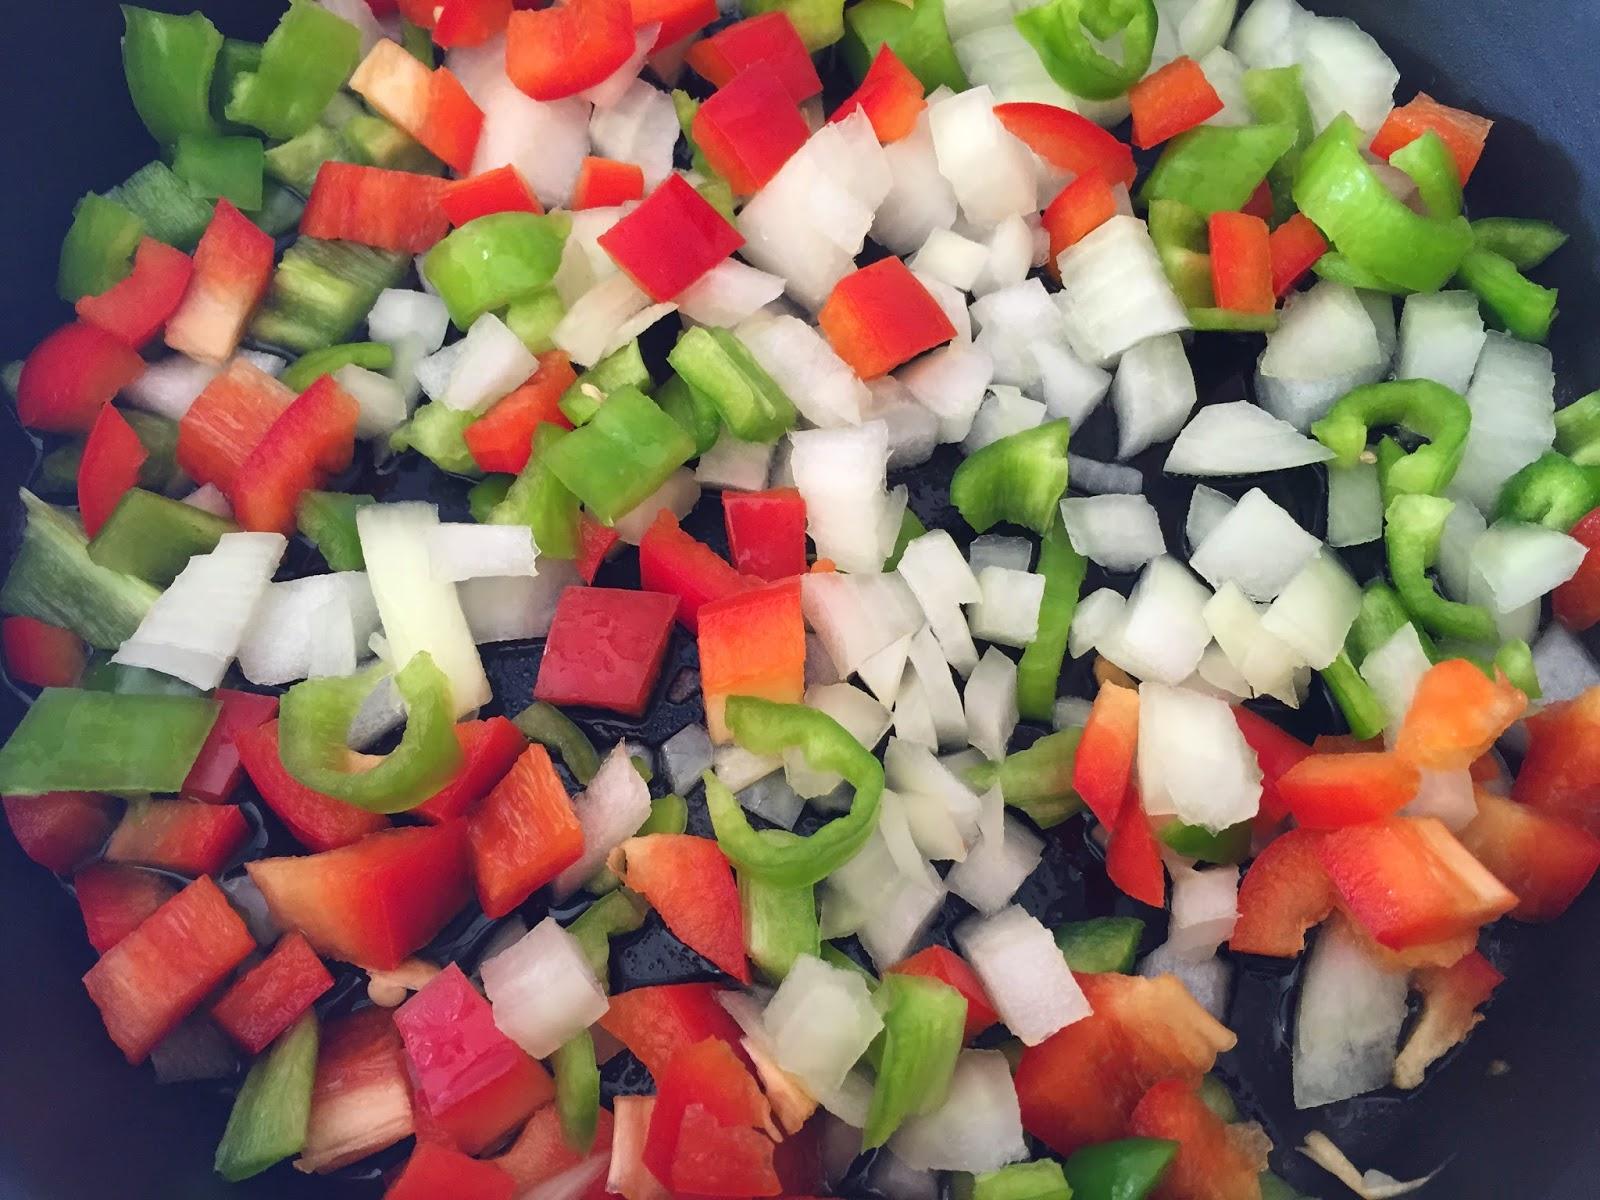 Espaguetis con verduras y salsa de soja, friendo cebolla y pimientos rojo y verde.